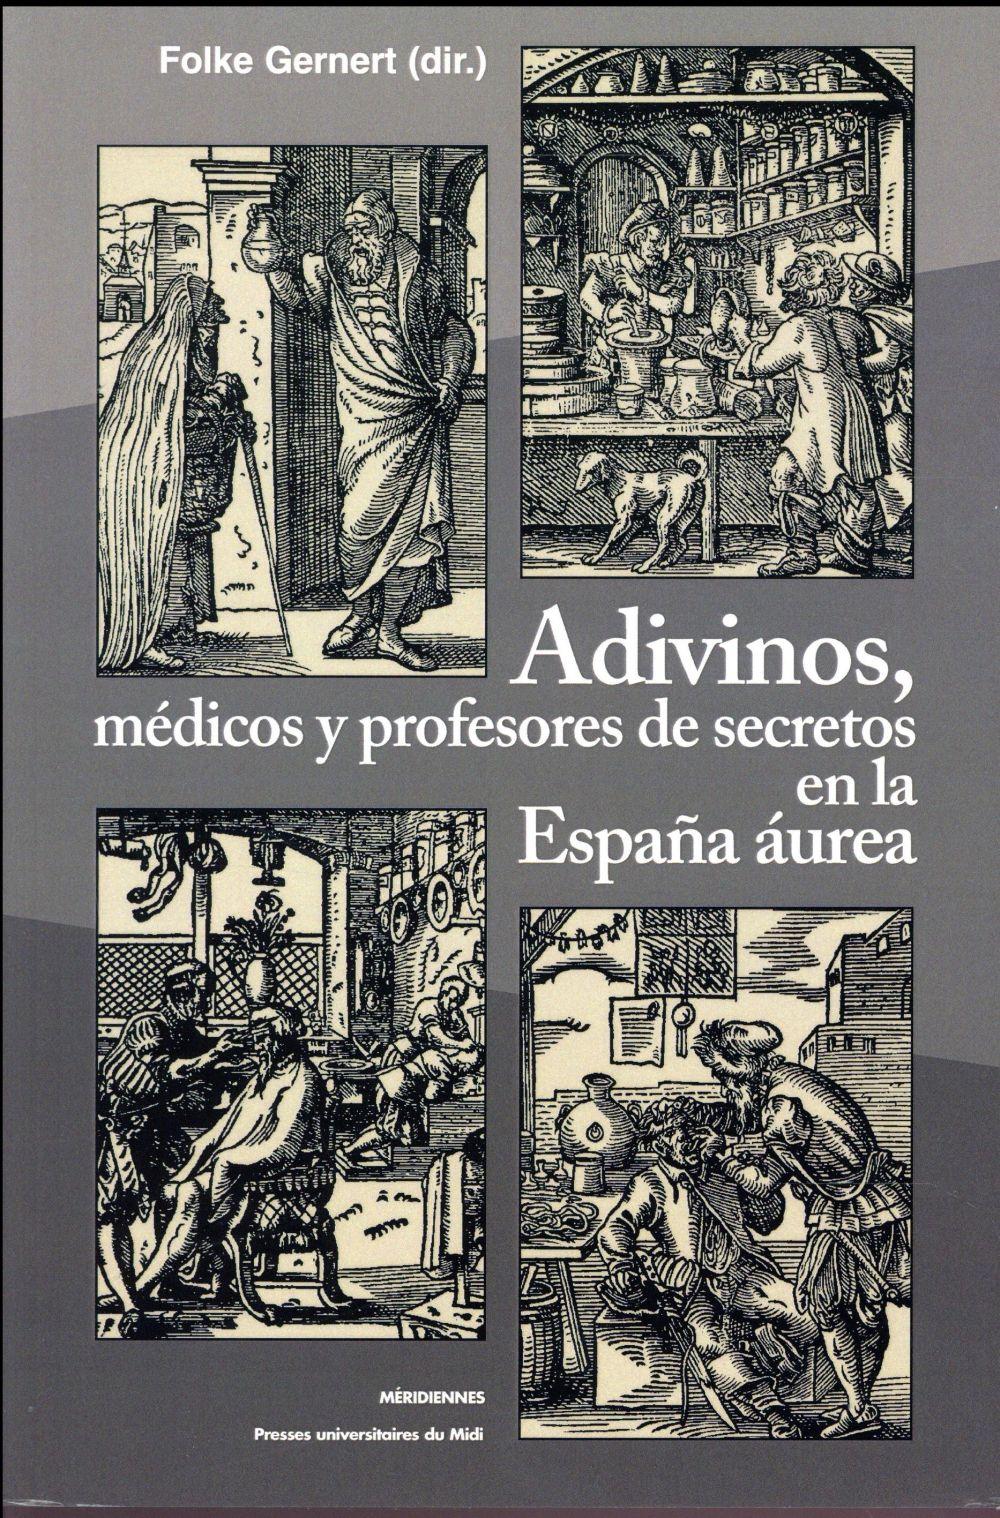 ADIVINOS, MEDICOS Y PROFESORES